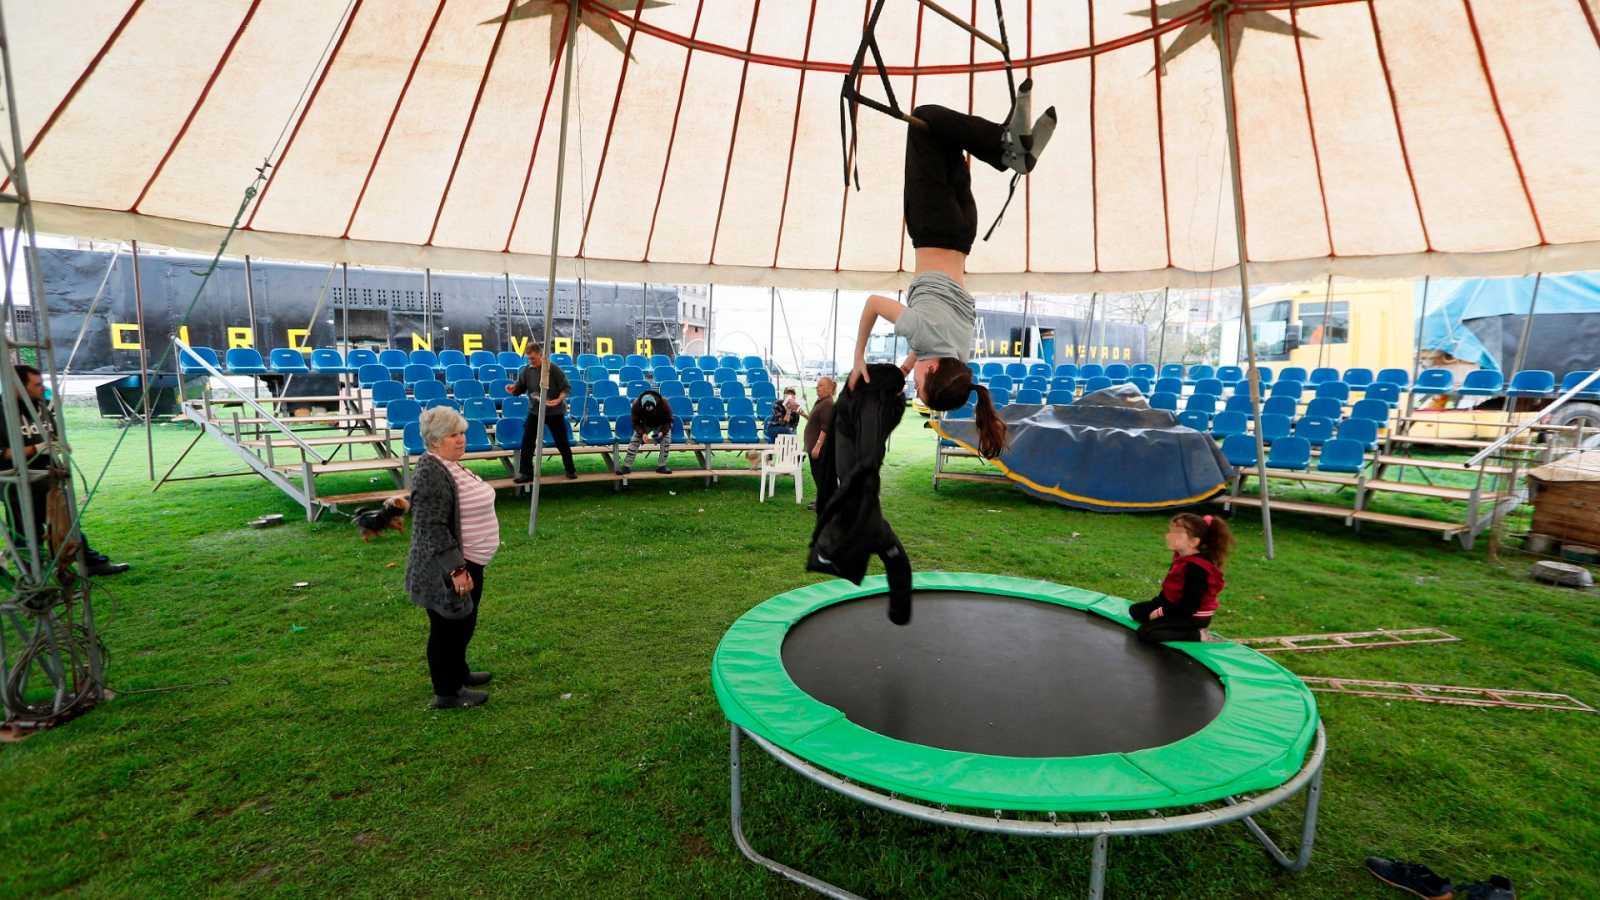 Varios miembros de un circo quedan confinados en sus caravanas por el estado de alerta